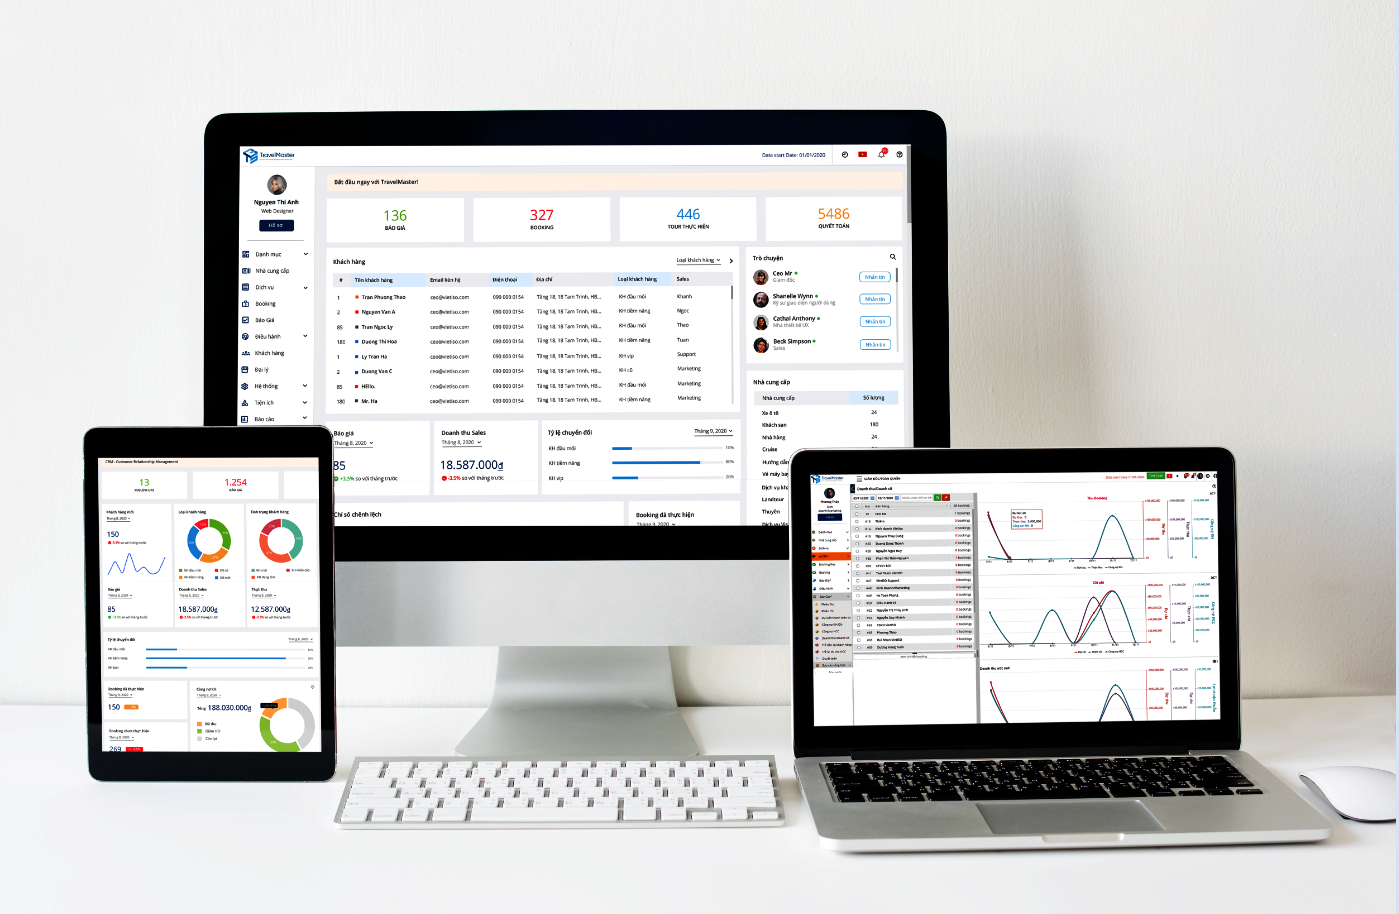 TravelMaster giải quyết bài toán quản trị cho 1000+ doanh nghiệp lữ hành